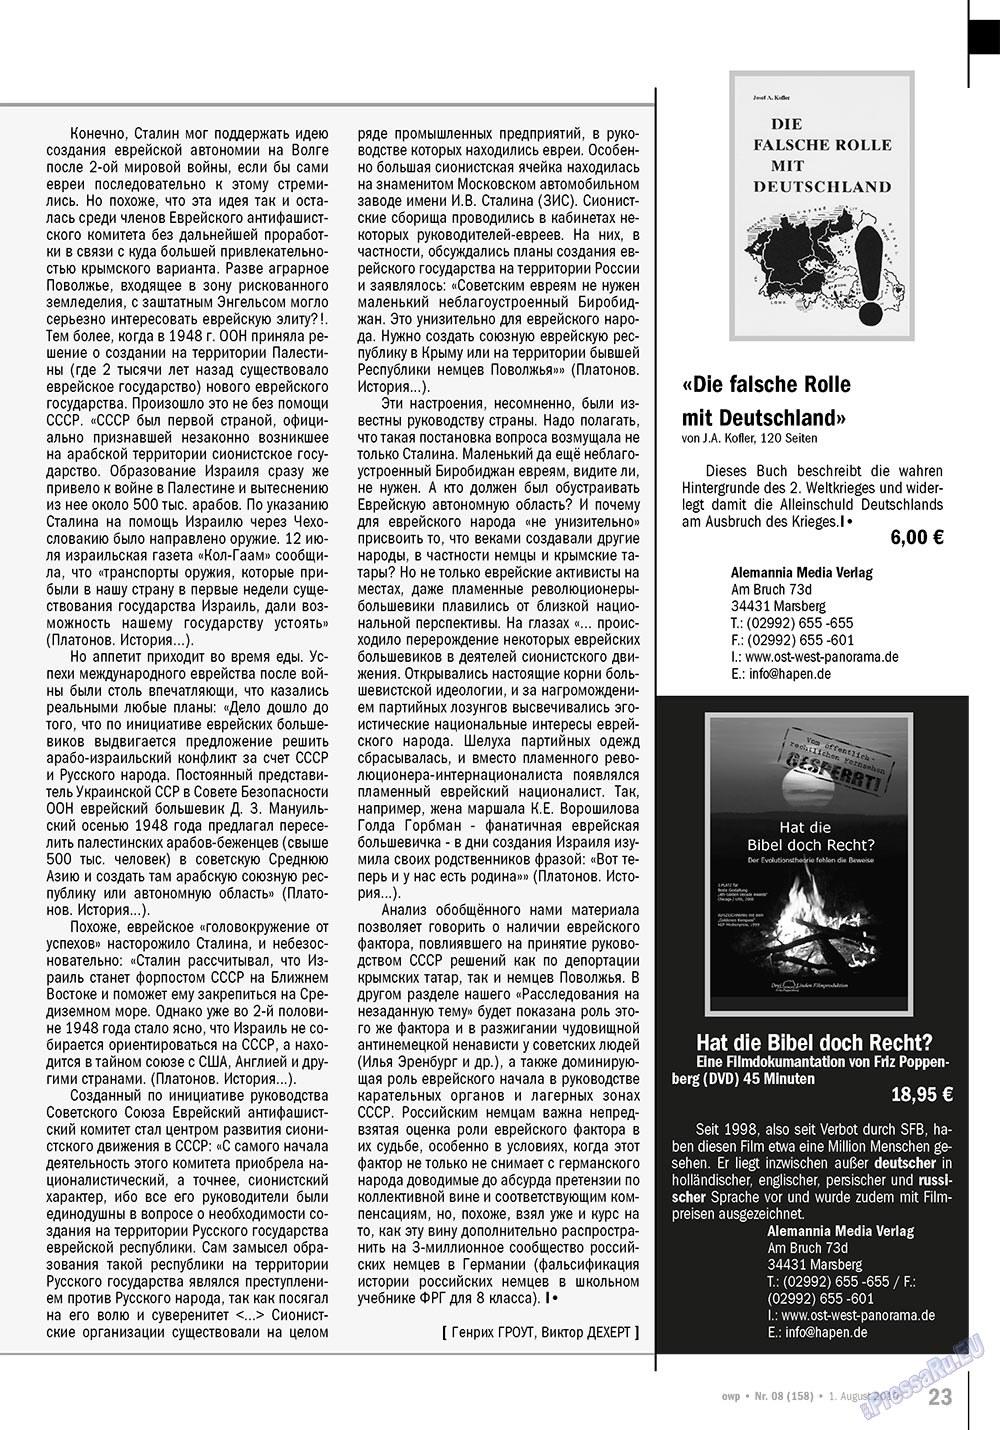 Ost-West Panorama (журнал). 2010 год, номер 8, стр. 23